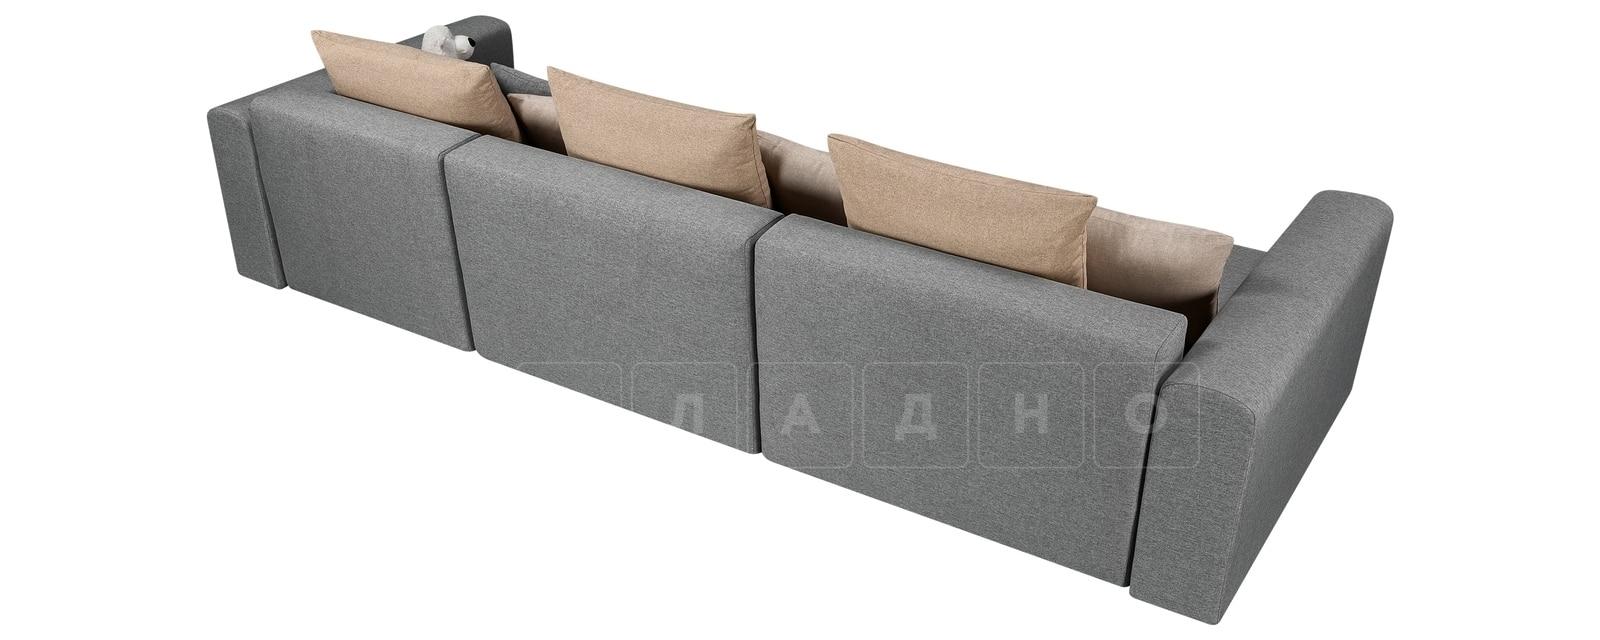 Диван Медисон серый 325 см фото 3 | интернет-магазин Складно